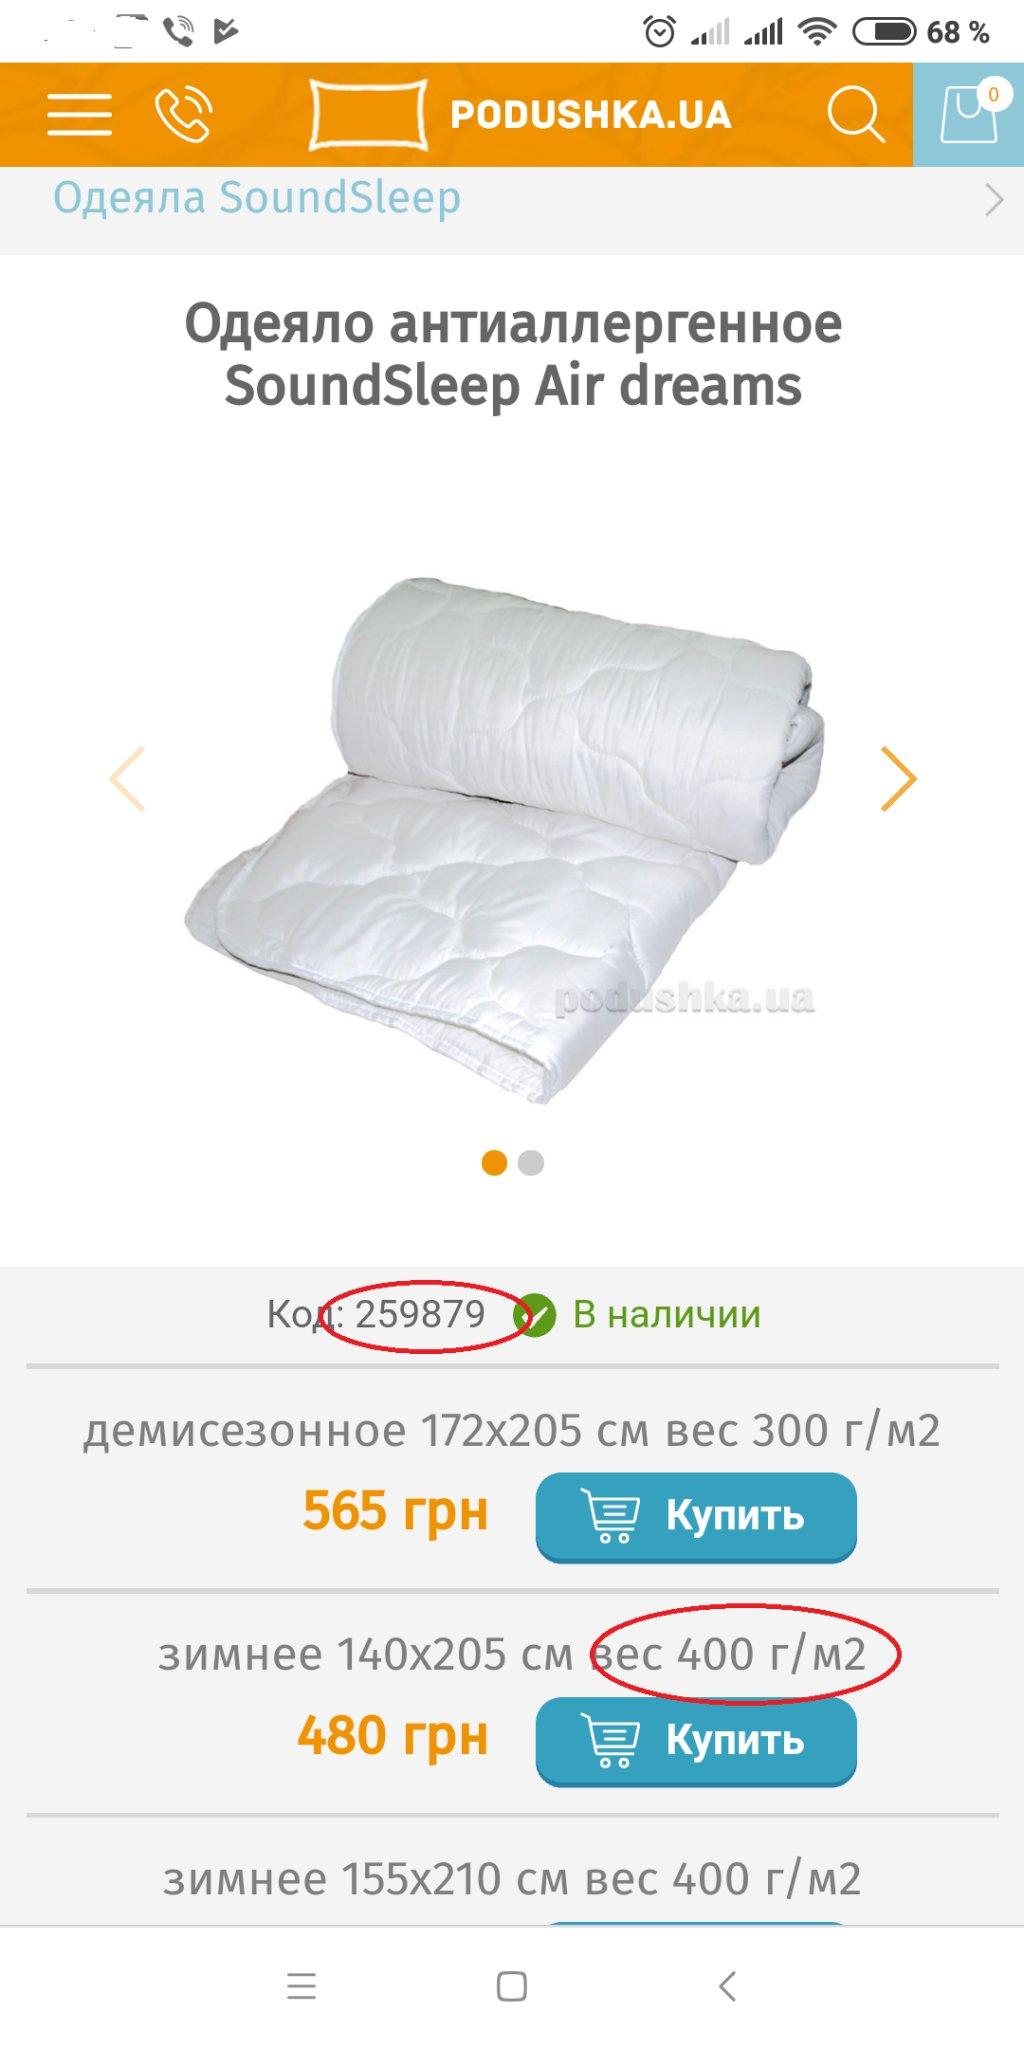 Интернет магазин Подушка - Испортился магазин.